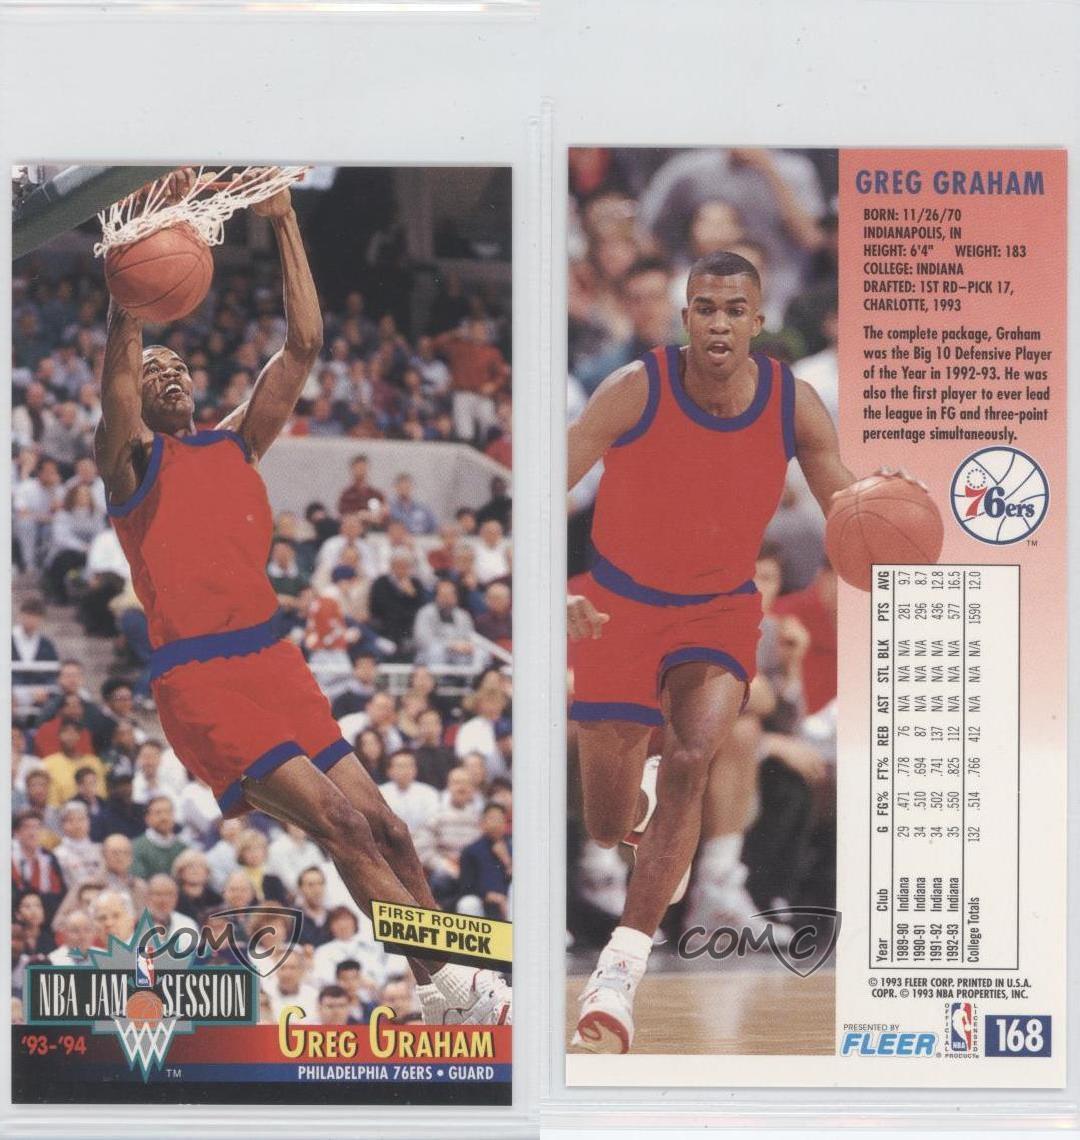 1993 NBA Jam Session #168 Greg Graham Philadelphia 76ers